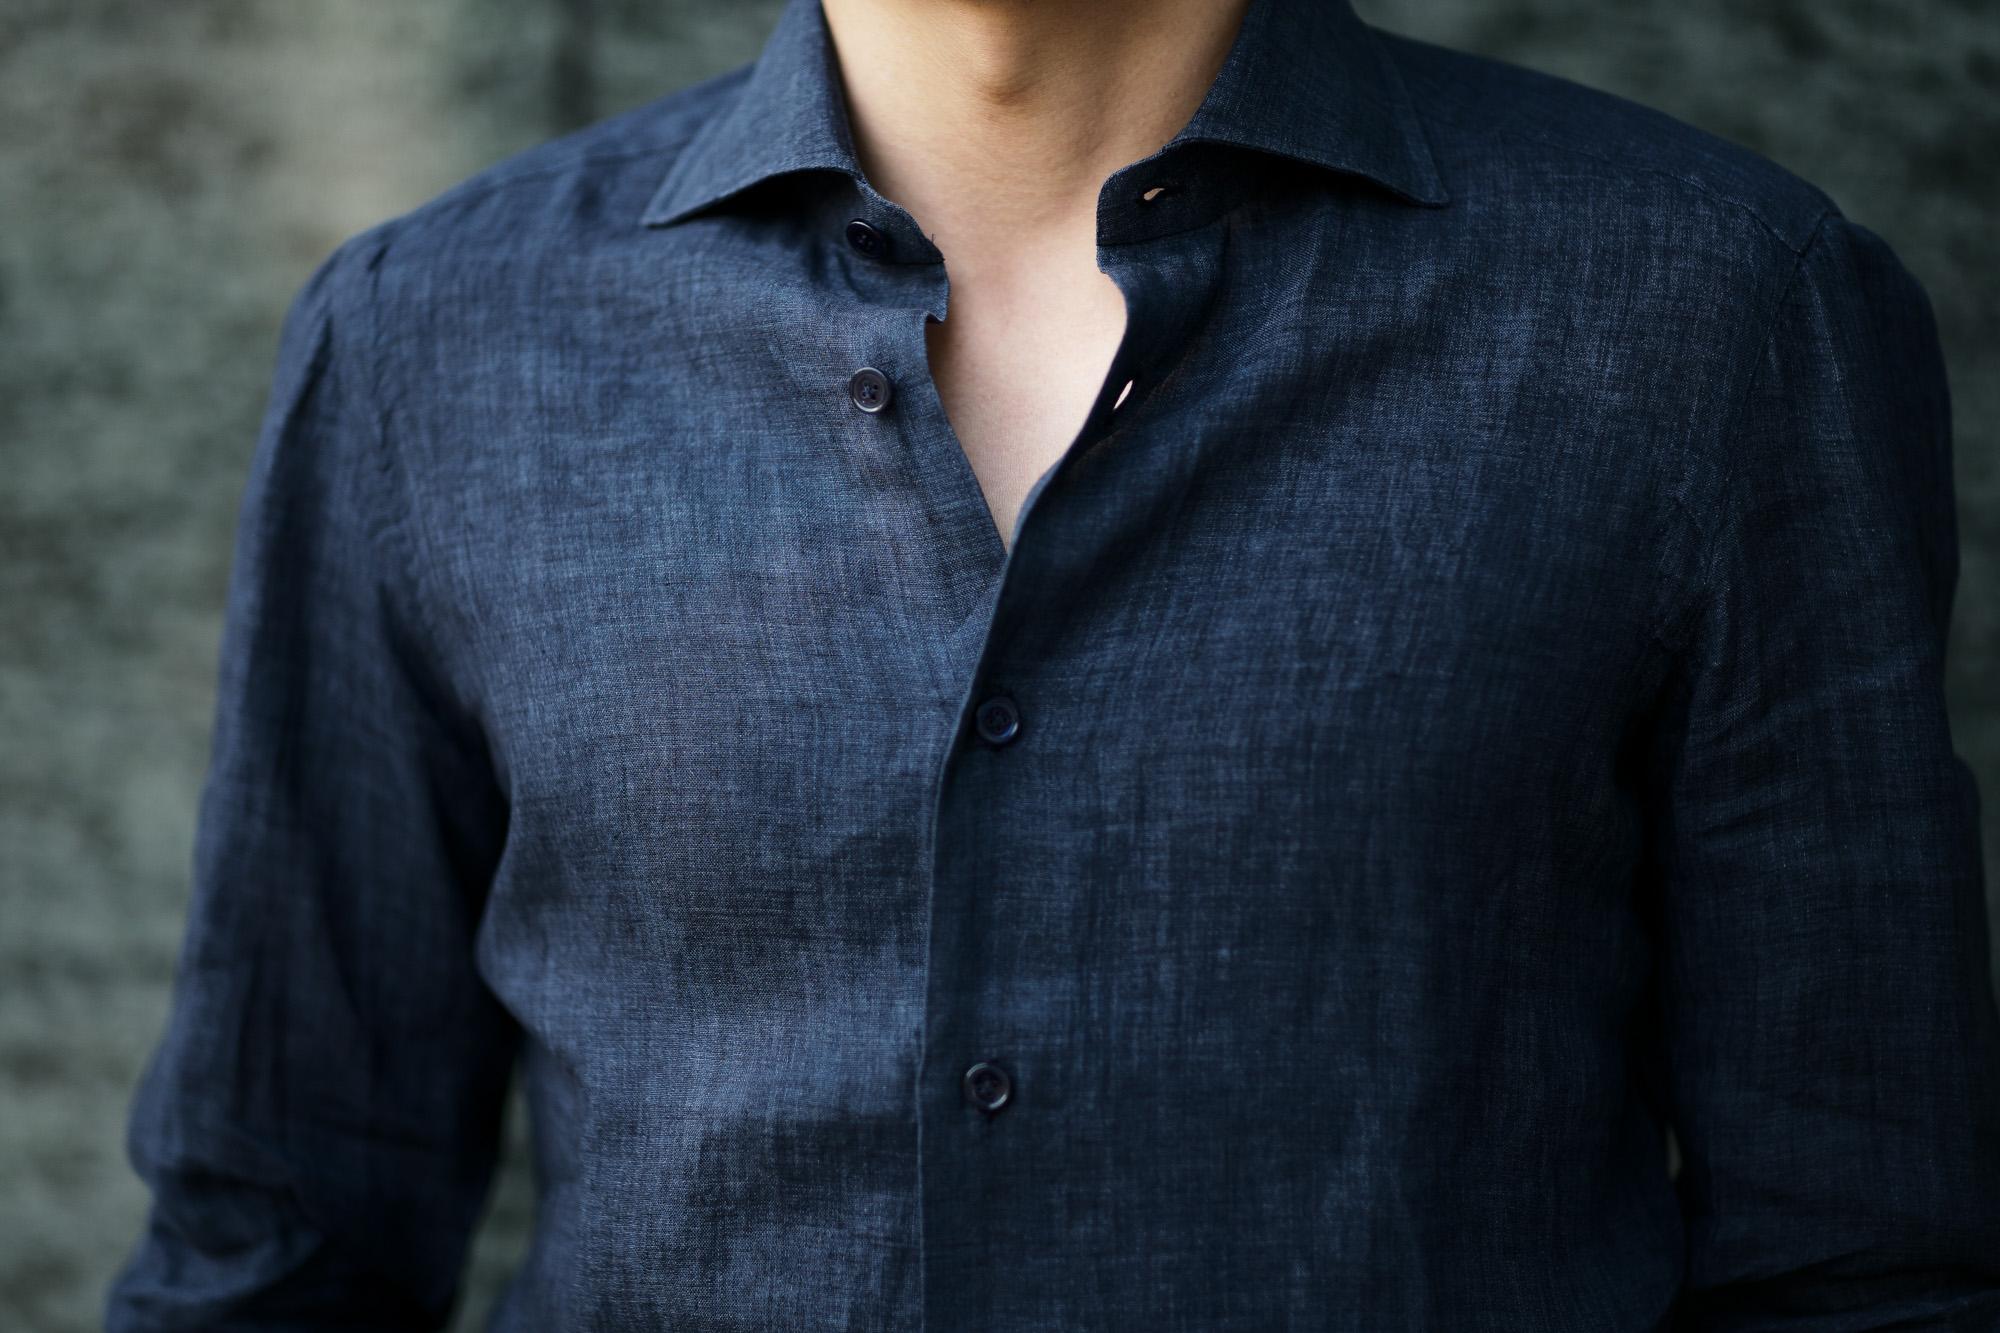 AVINO Laboratorio Napoletano(アヴィーノ・ラボラトリオ・ナポレターノ) Linen Dress Shirts (リネン ドレス シャツ) リネン100% ワイドカラー シャツ NAVY (ネイビー) made in italy (イタリア製) 2020 春夏 【ご予約受付中】愛知 名古屋 altoediritto アルトエデリット リネンシャツ